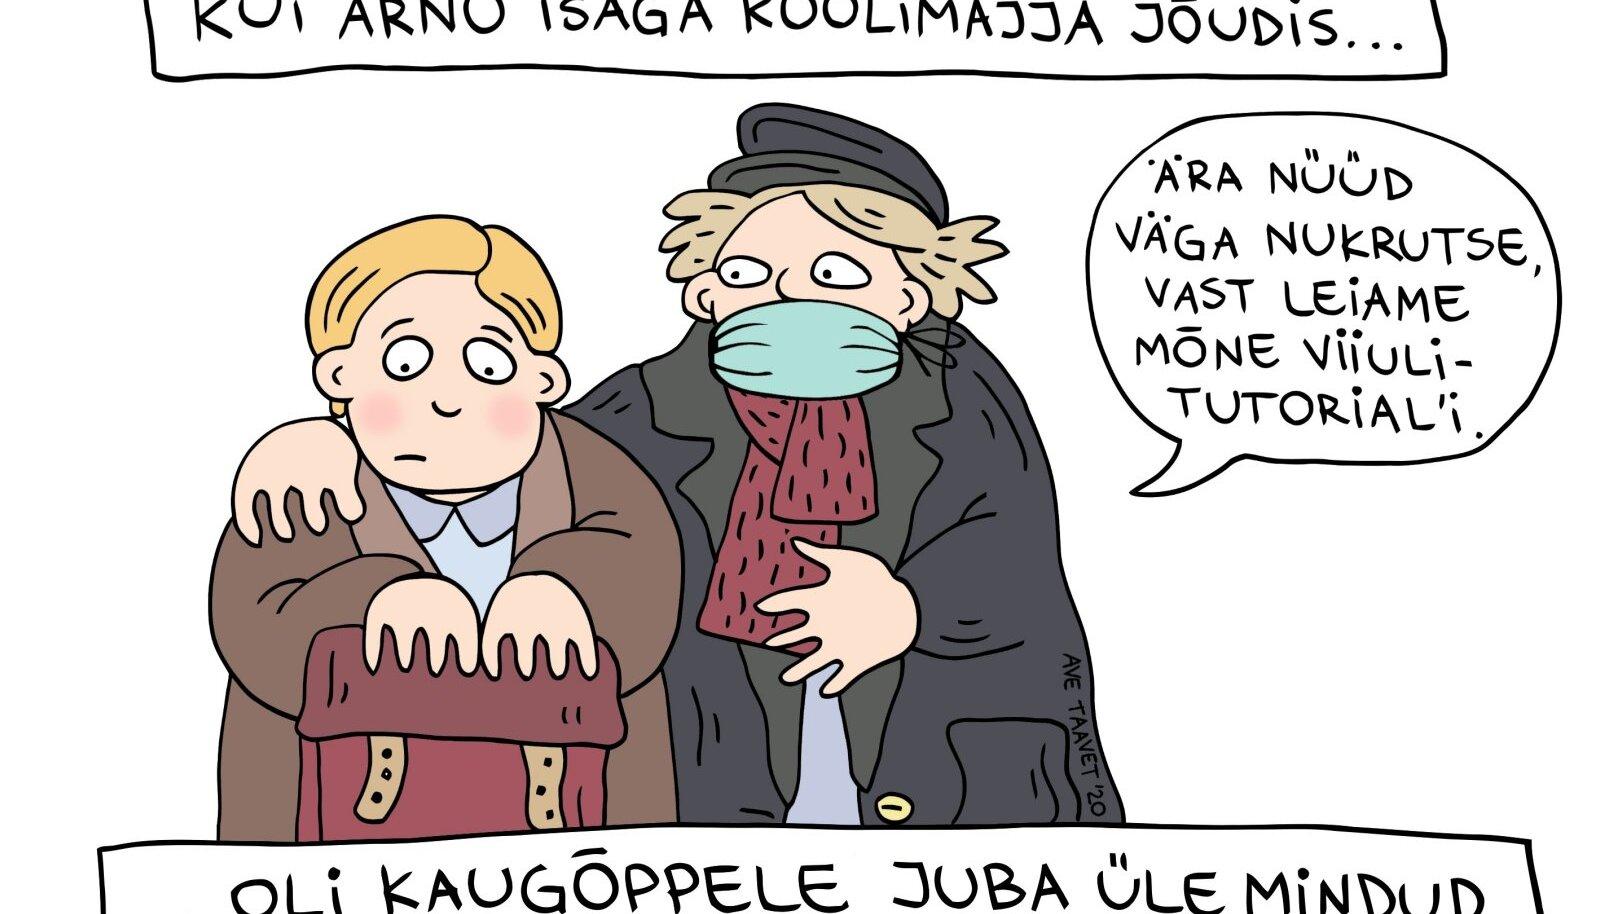 Kui Arno isaga koolimajja jõudis, kandis õpetaja Laur juba maski.